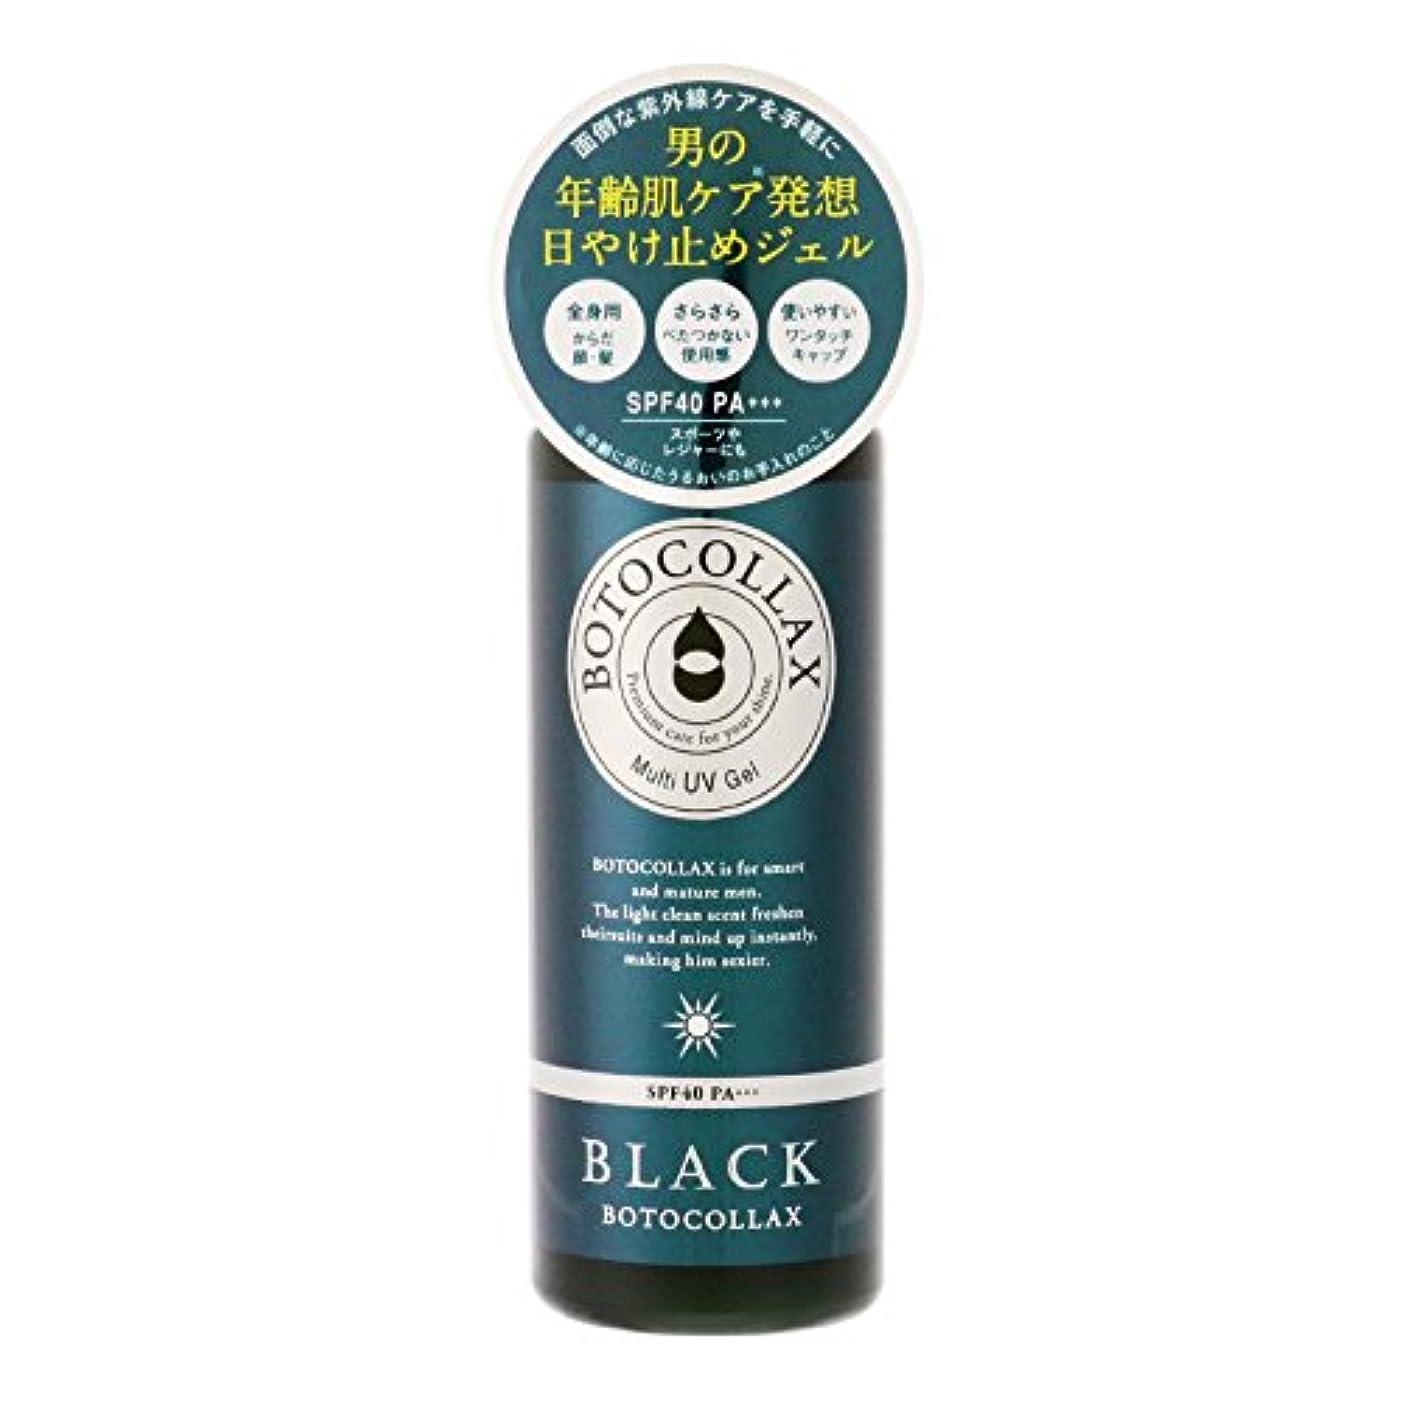 粘り強い巻き取り首尾一貫したボトコラックスブラック オーシャン マルチUVジェル ベルガモットグリーンの香り 70g